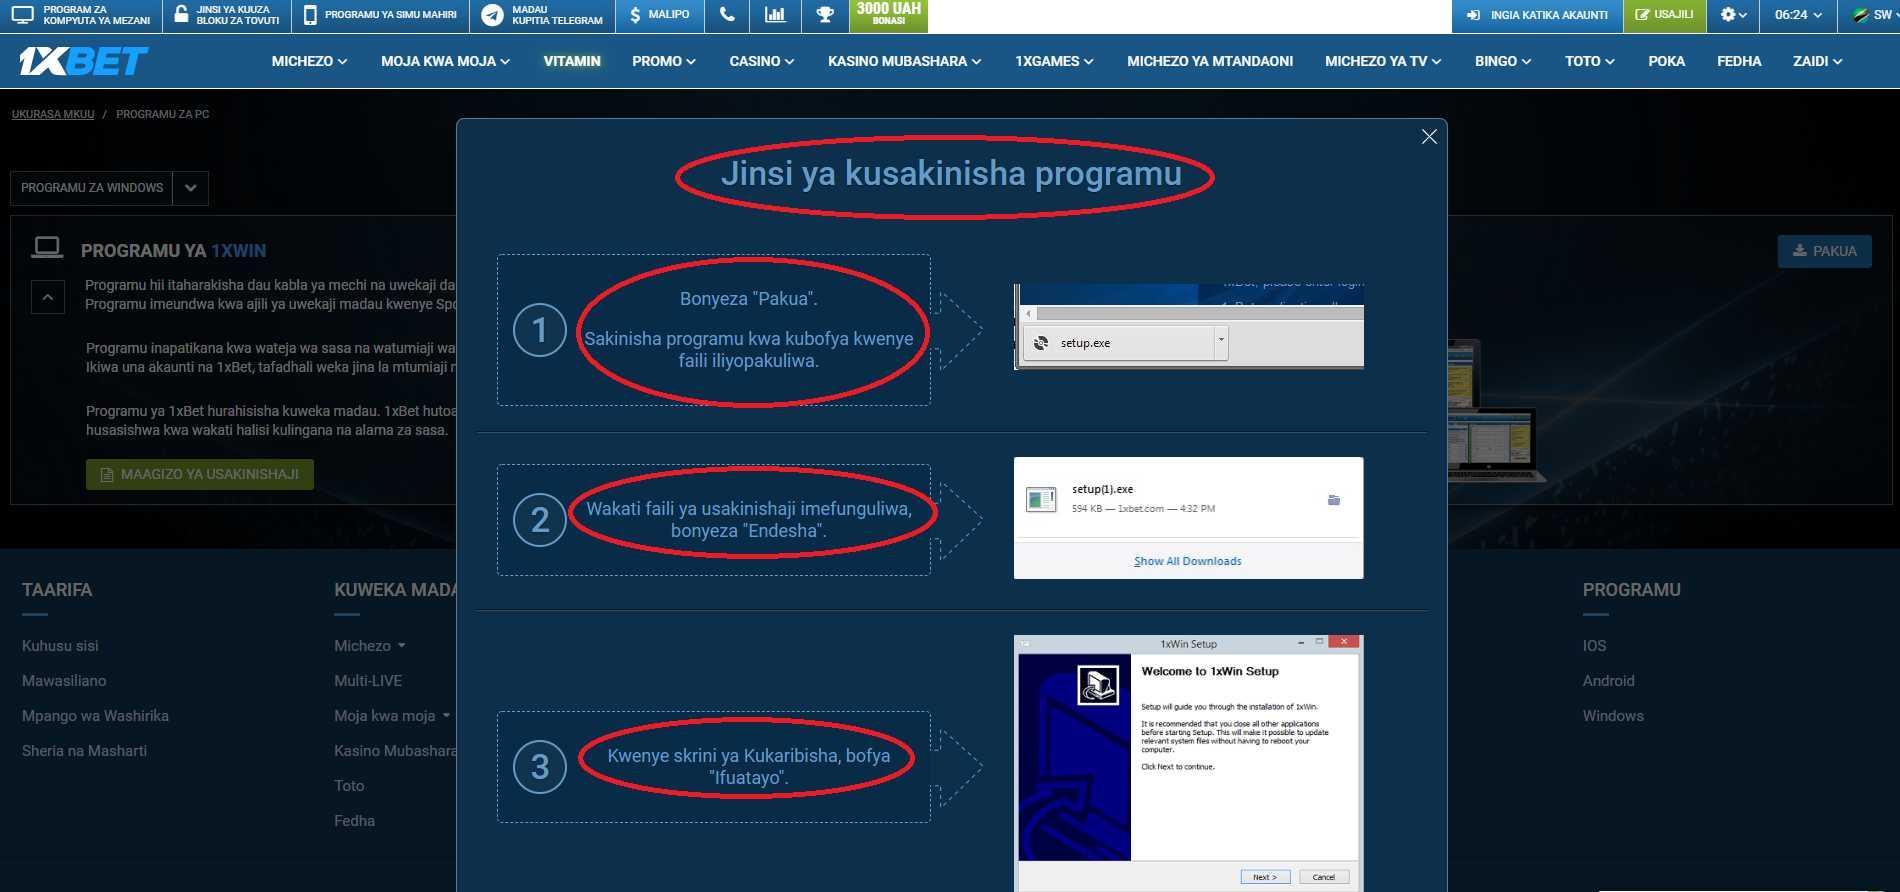 1xBet - Windows APK system